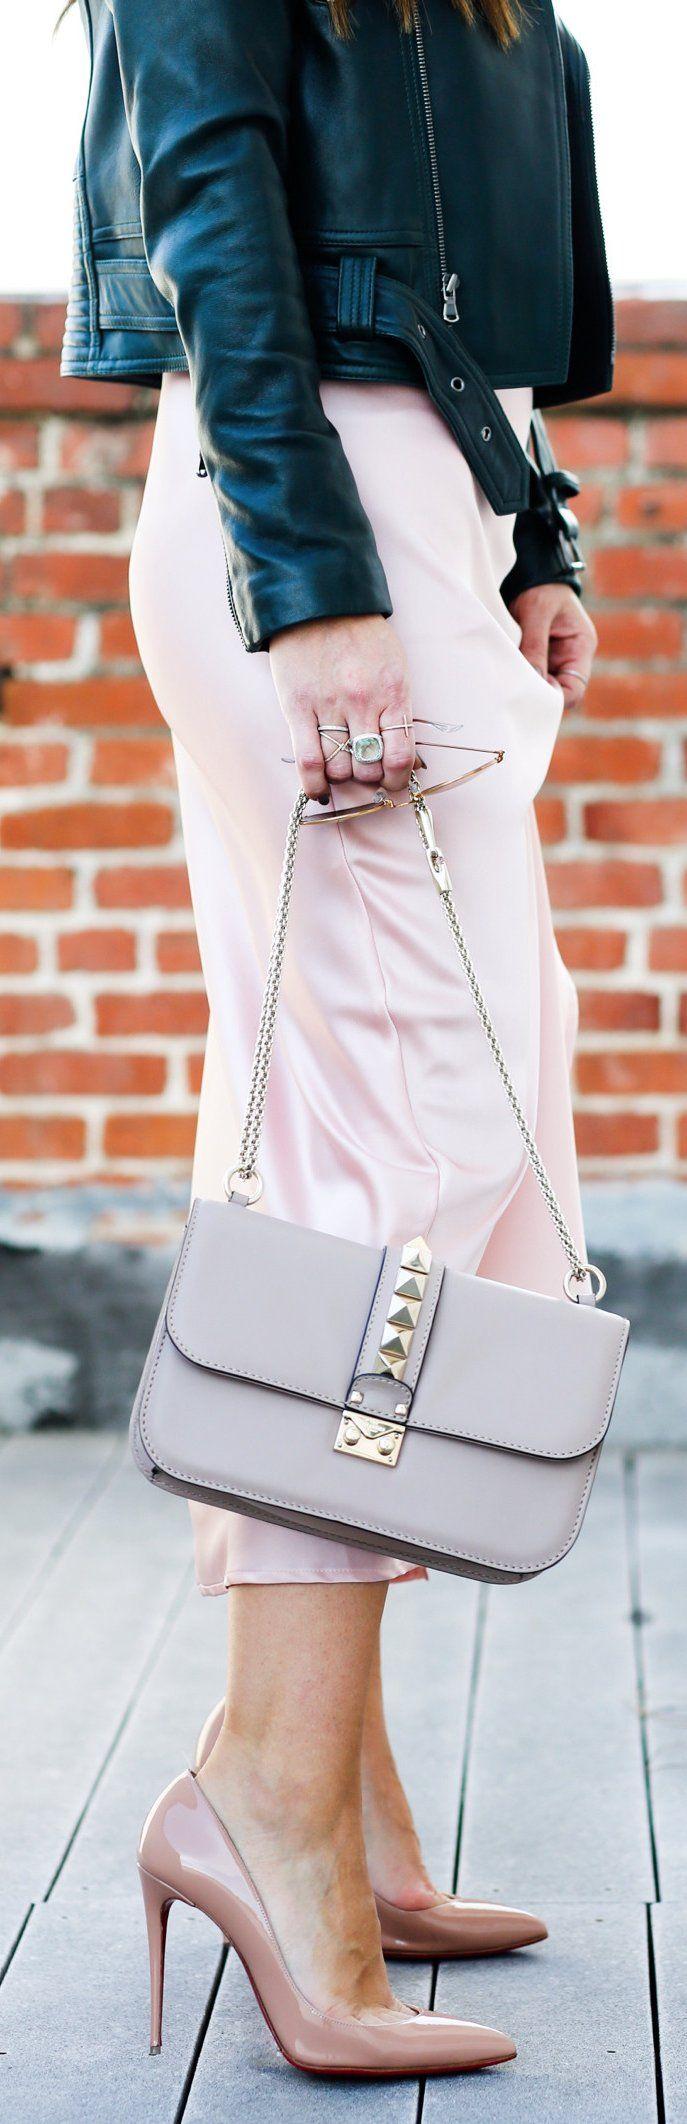 Black Leather Jacket / Grey Shoulder Bag / Pink Silk Dress / Nude Pumps